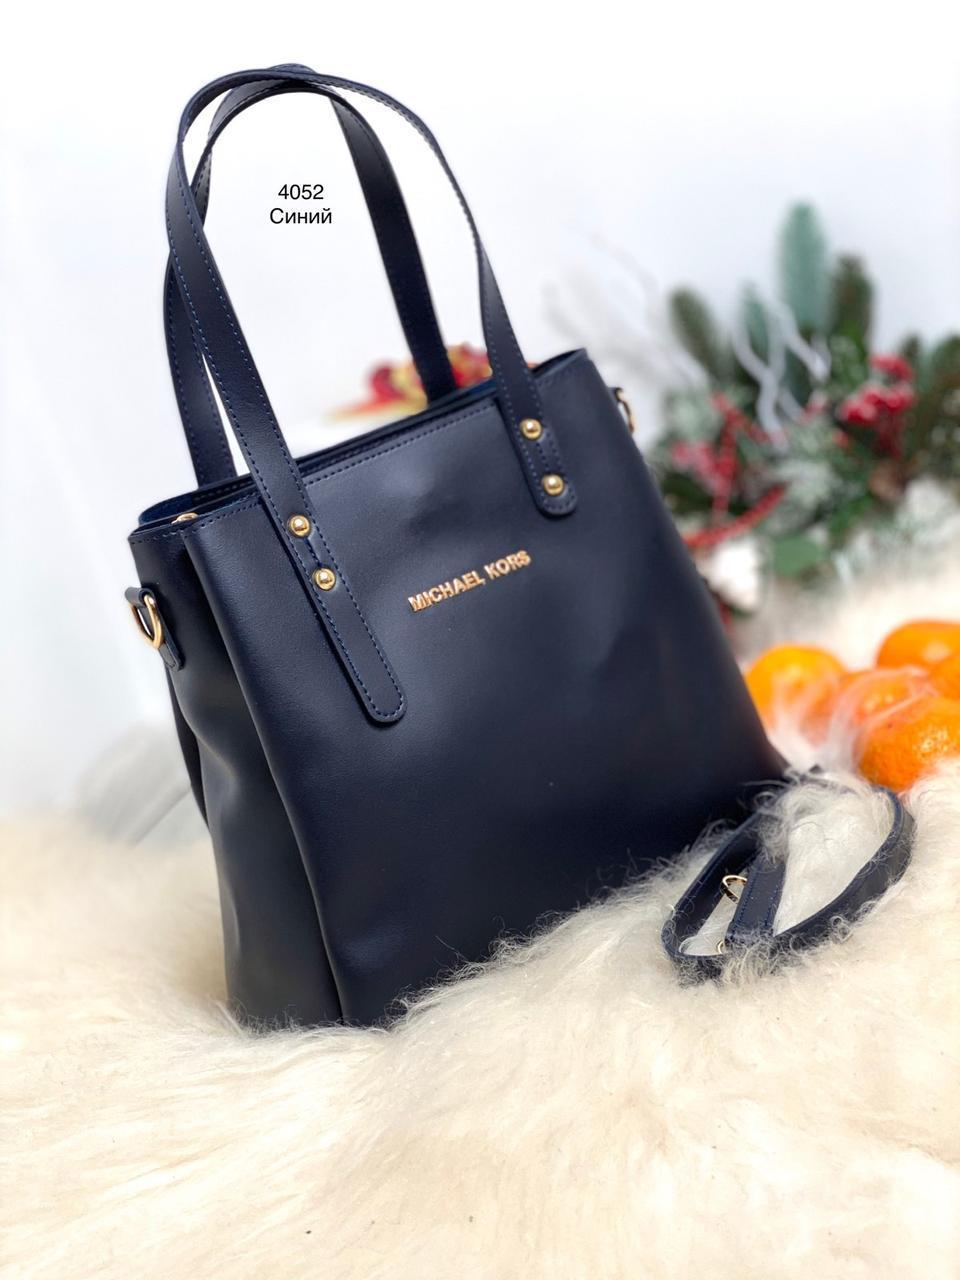 Синяя женская сумка на плечо среднего размера небольшая сумочка экокожа